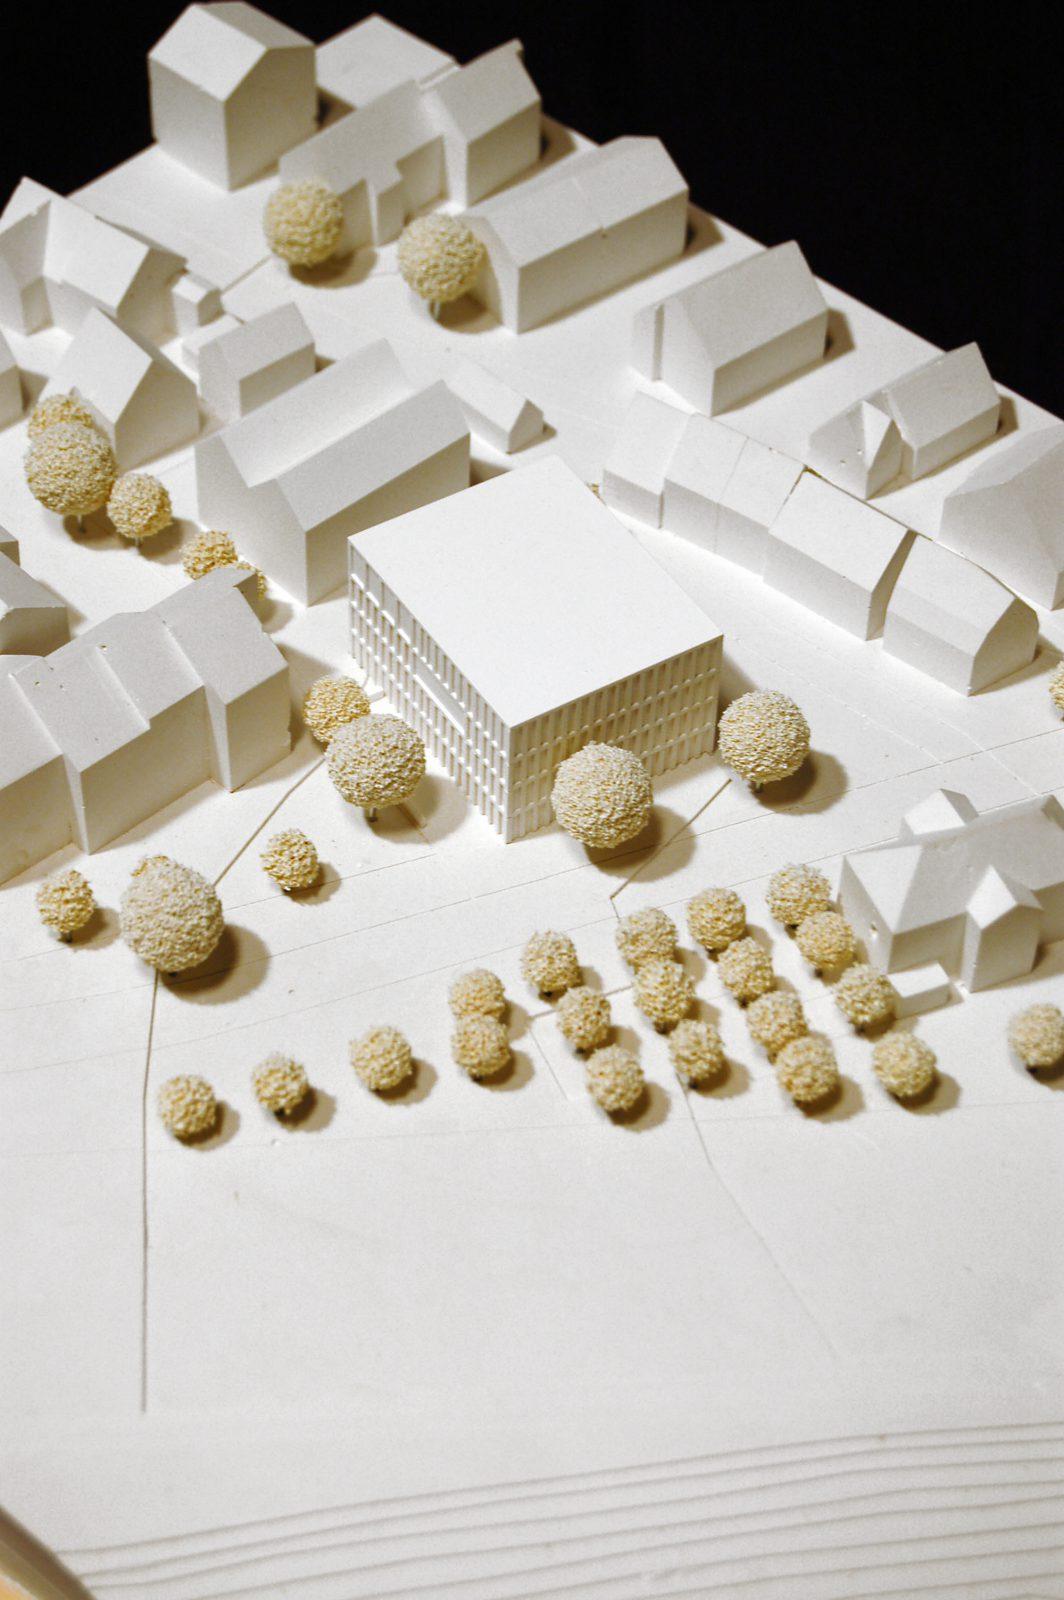 Modell_1-Wettbewerb-Rathaus Altbach-Anerkennung-2016-© Friedrich-Poerschke-Zwink-Architekten